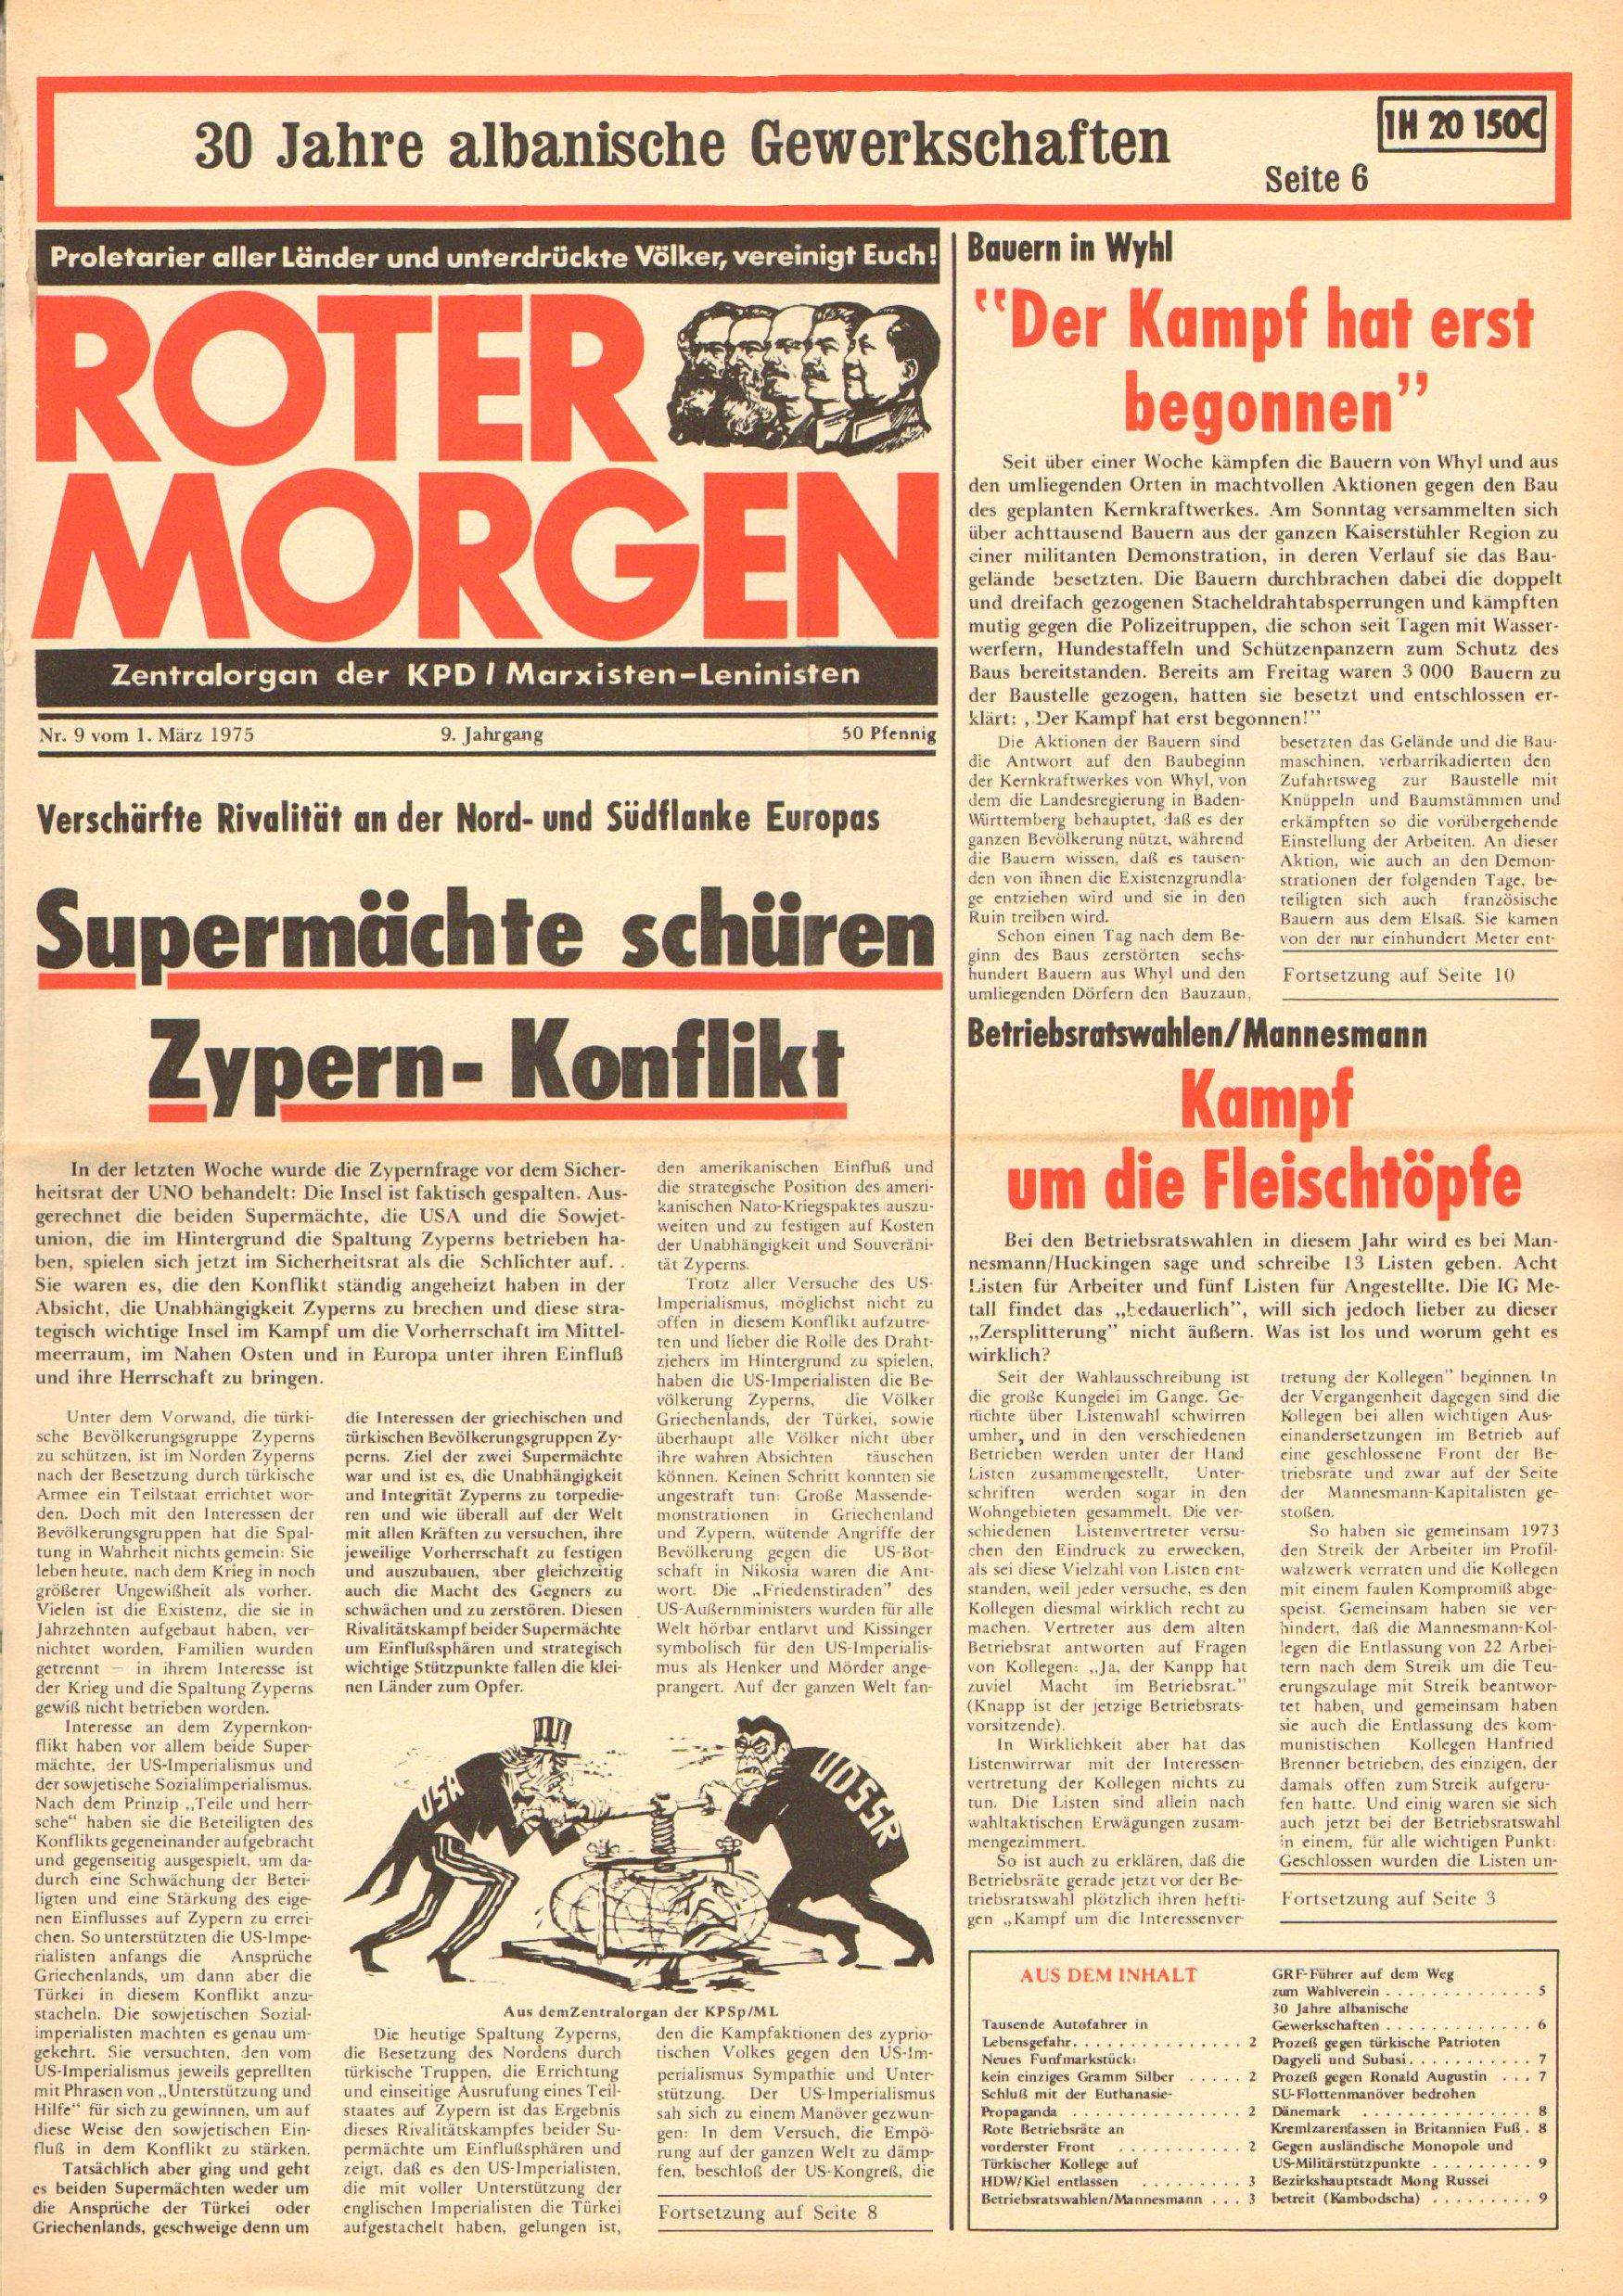 Roter Morgen, 9. Jg., 1. März 1975, Nr. 9, Seite 1